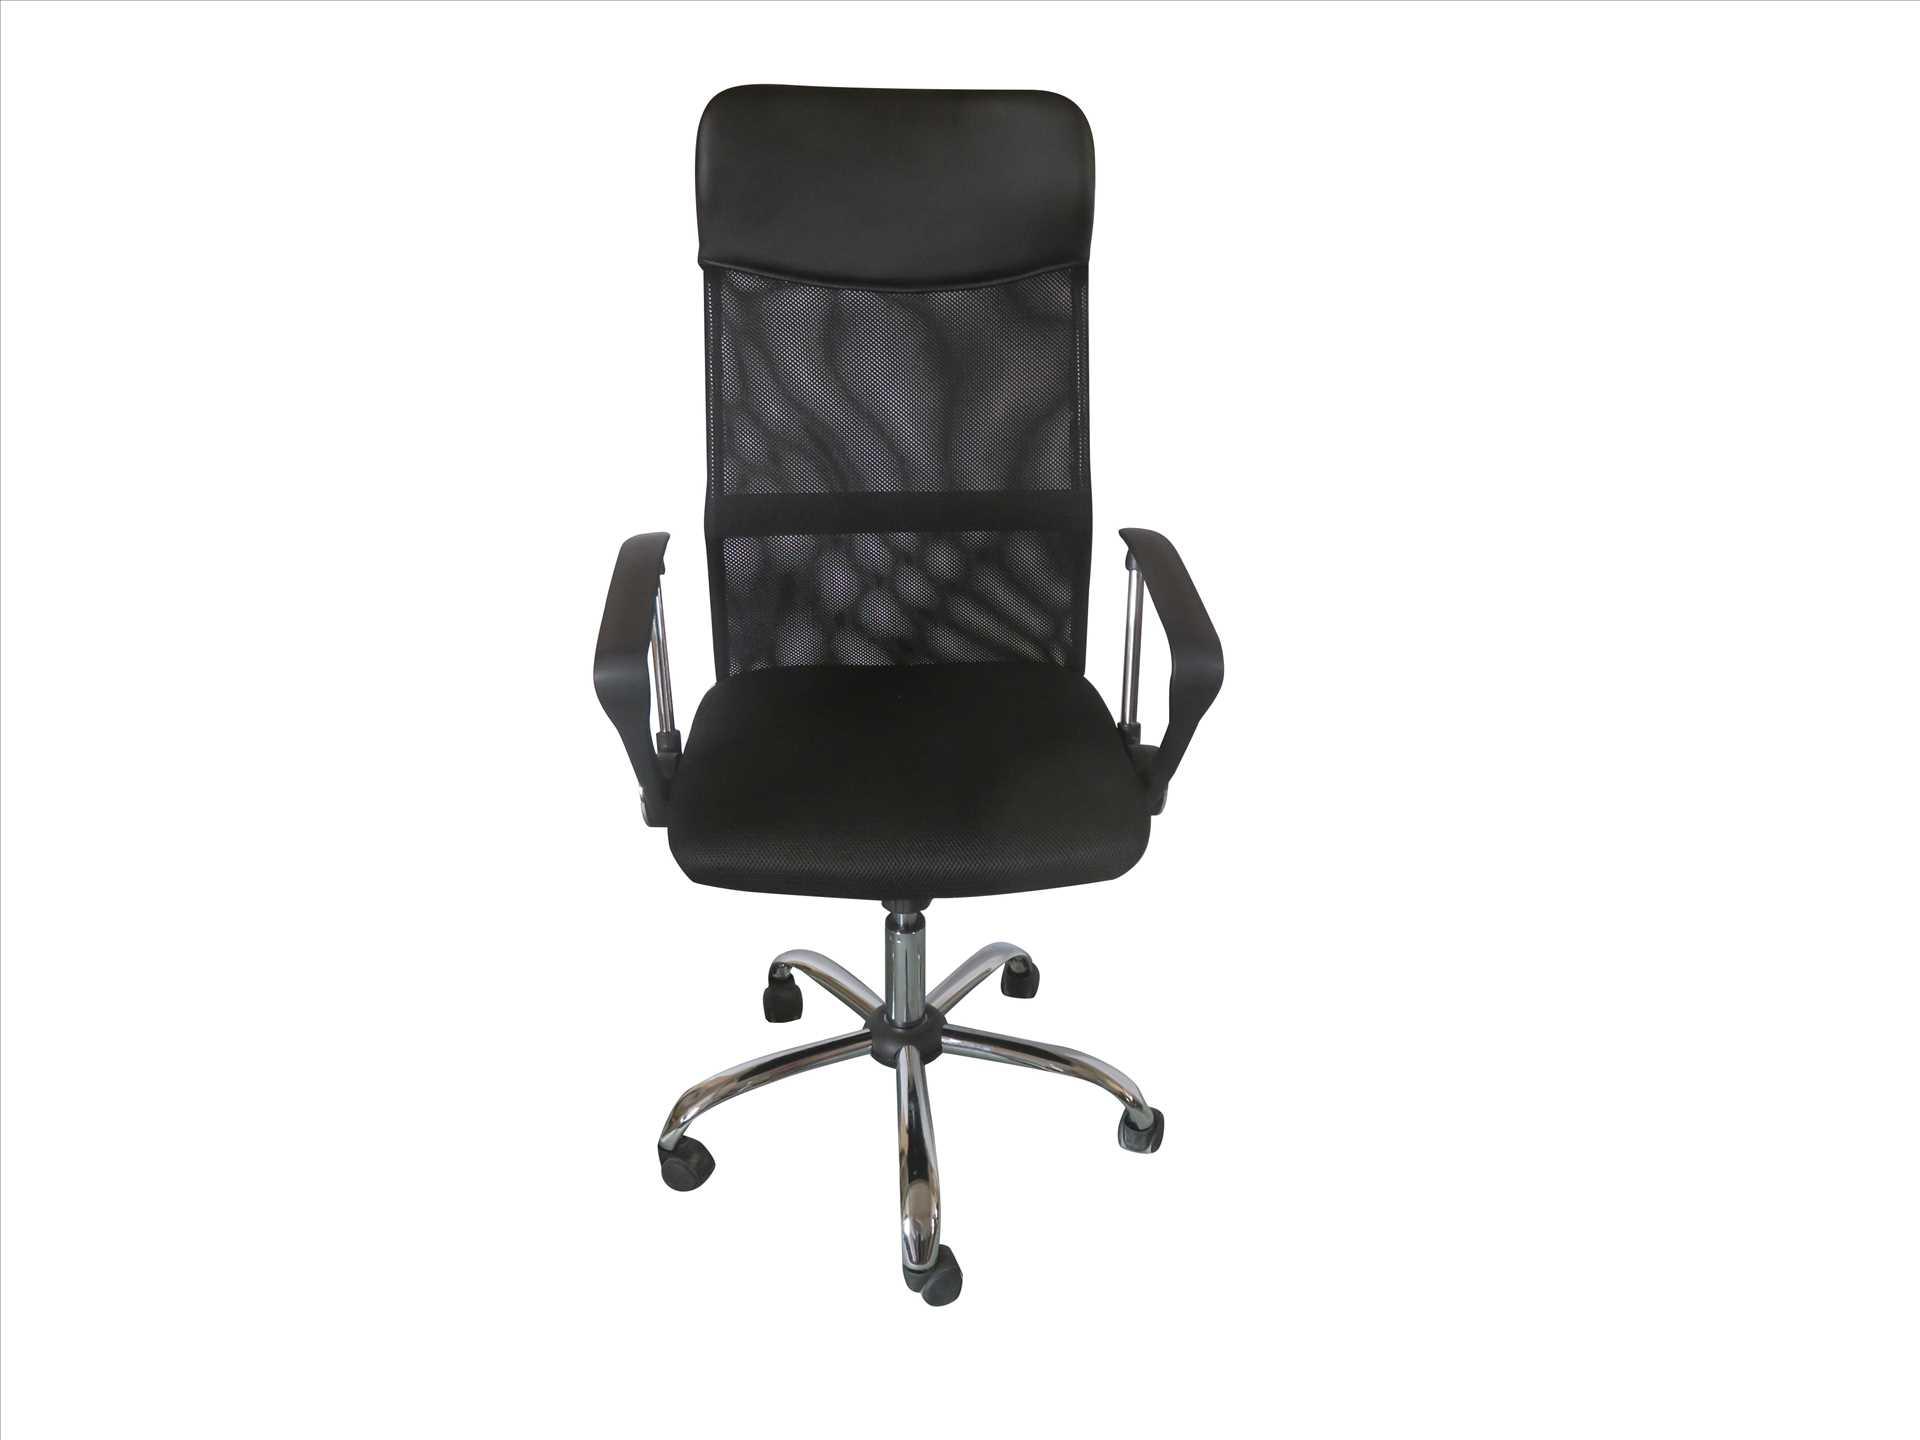 כסא מנהלים PRO TECH דגם בלמונט - פרו טק - תמונה 2